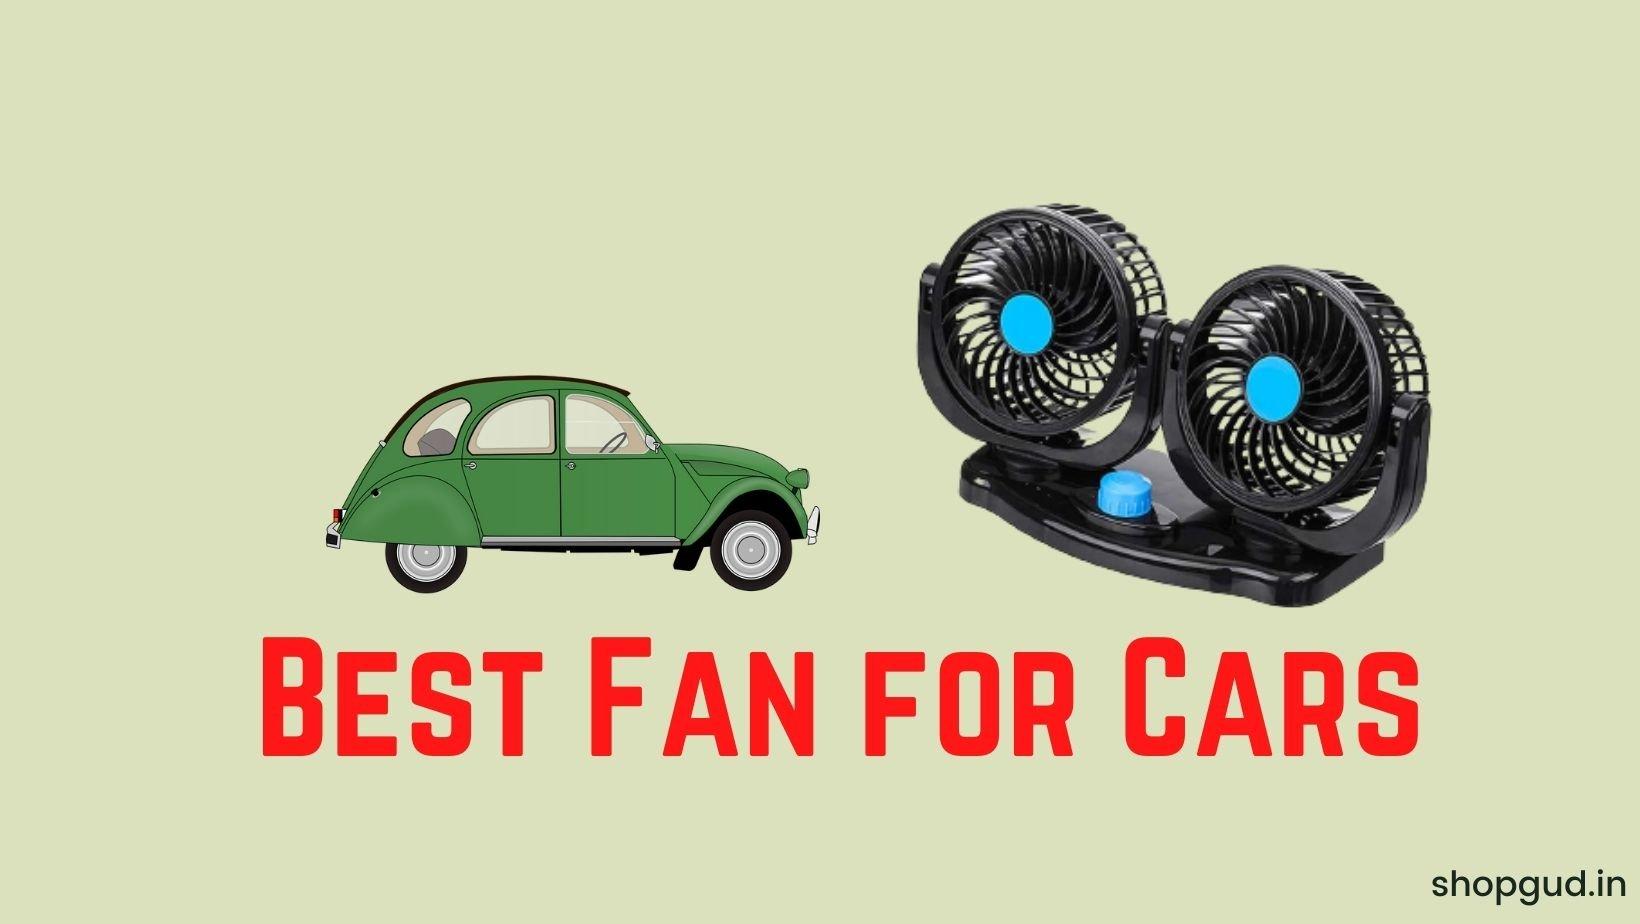 Best Fan for Cars